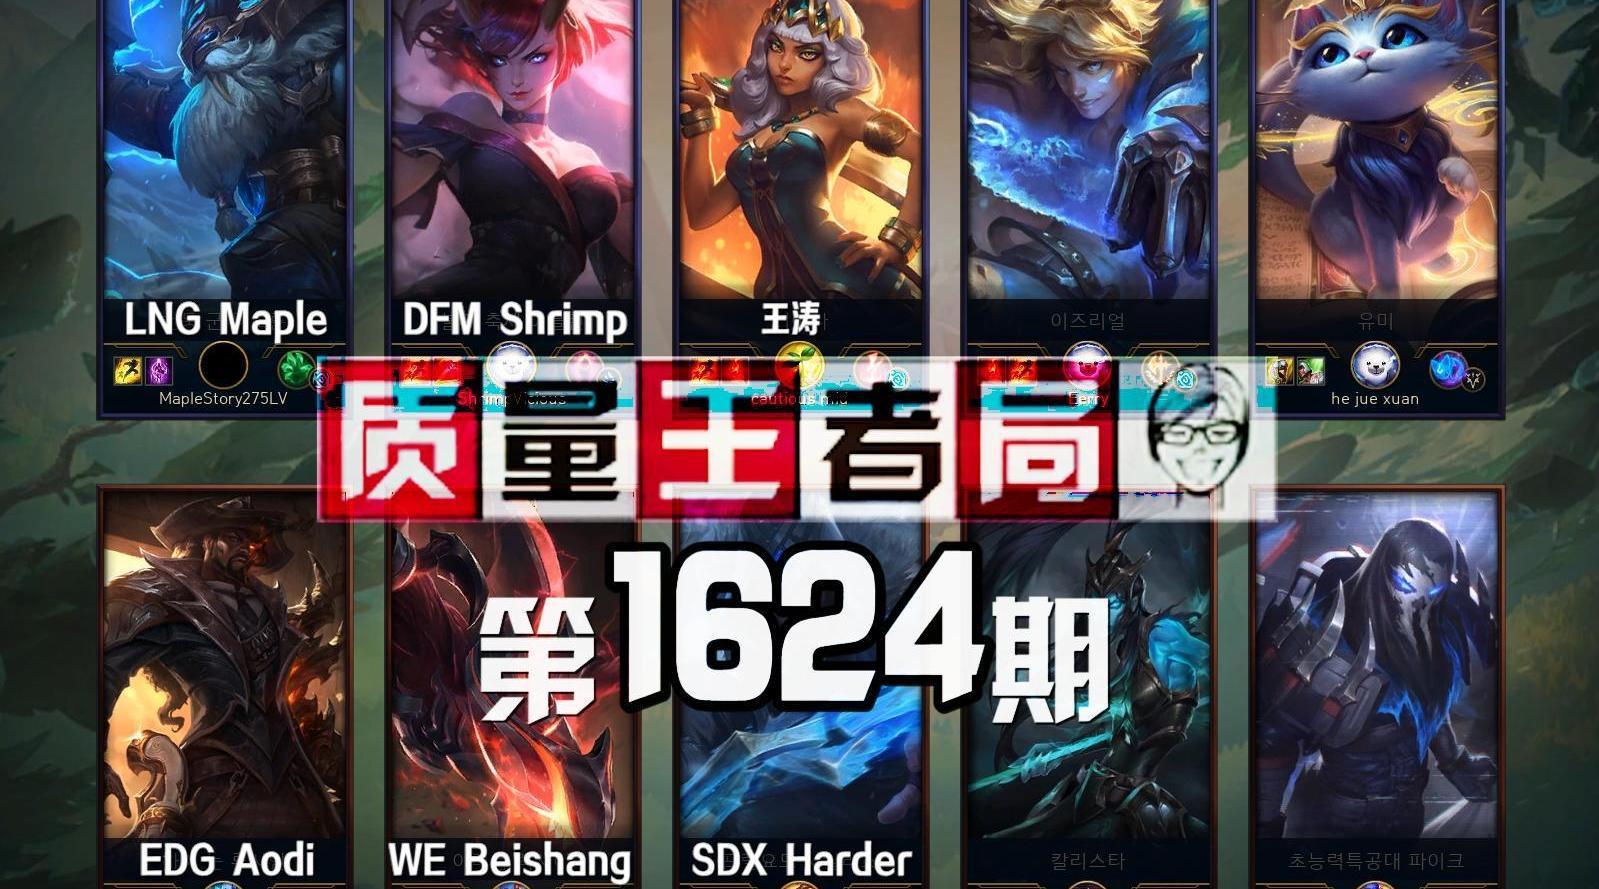 质量王者局1624丨王涛, Aodi, Maple, 悲伤, Shrimp, Harder